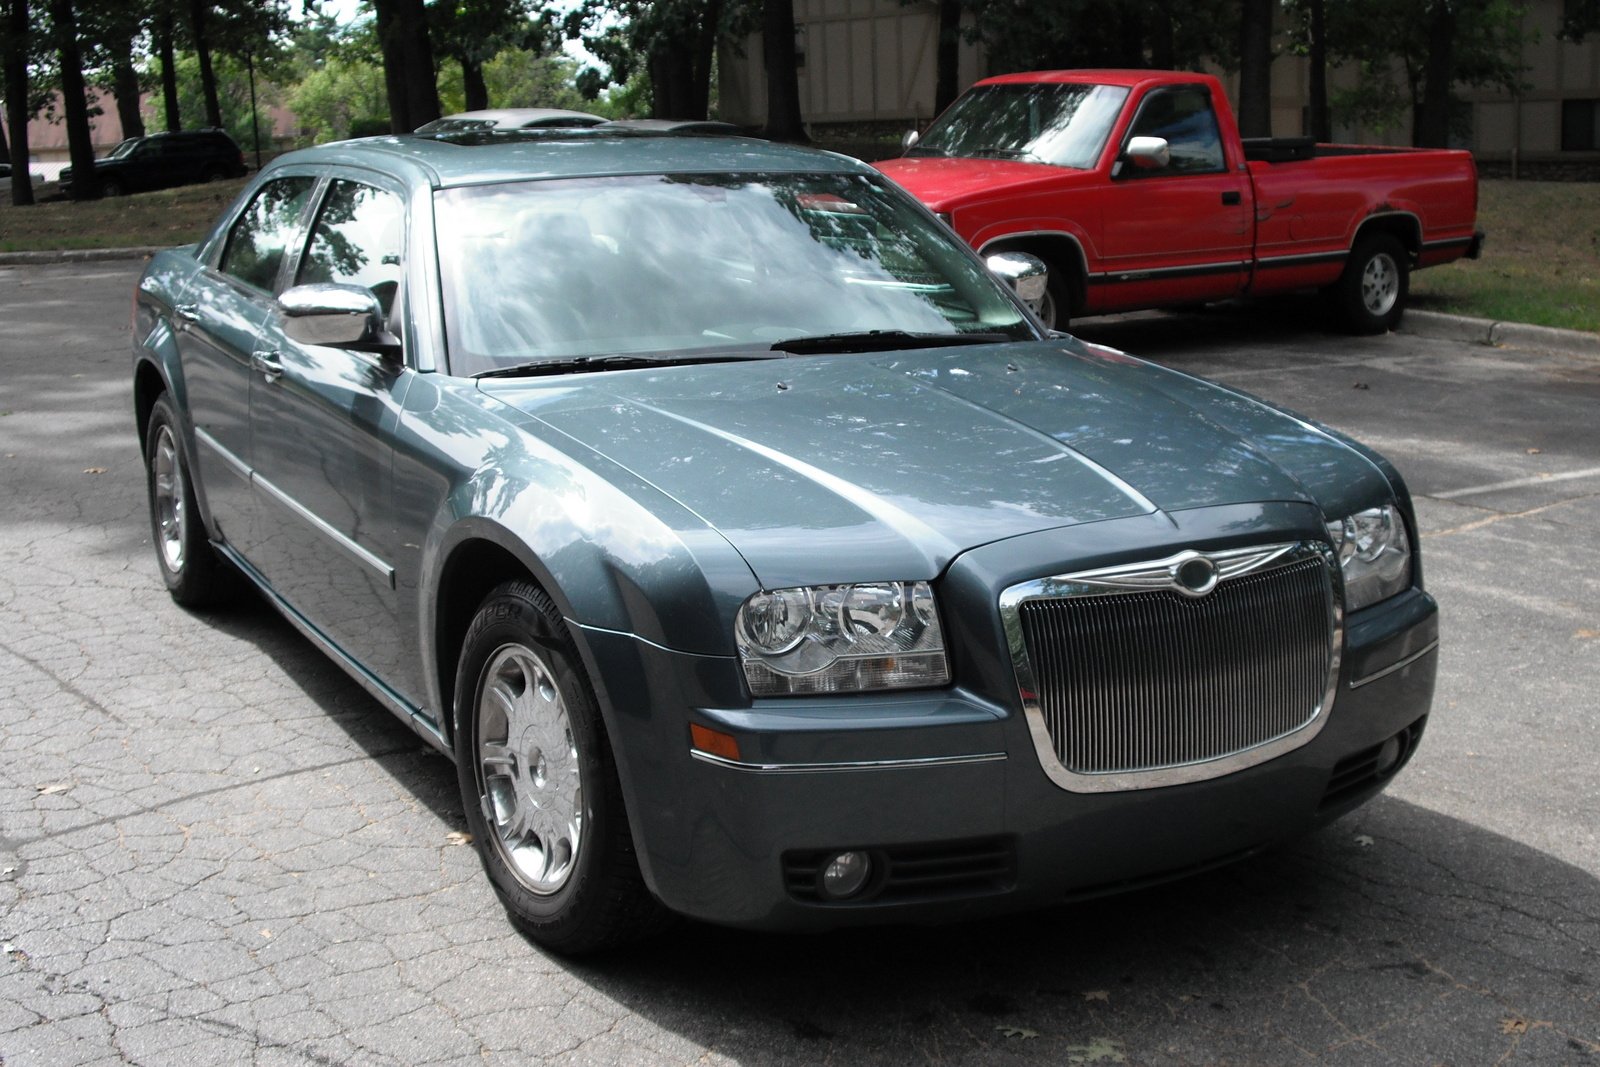 Chrysler Touring Pic